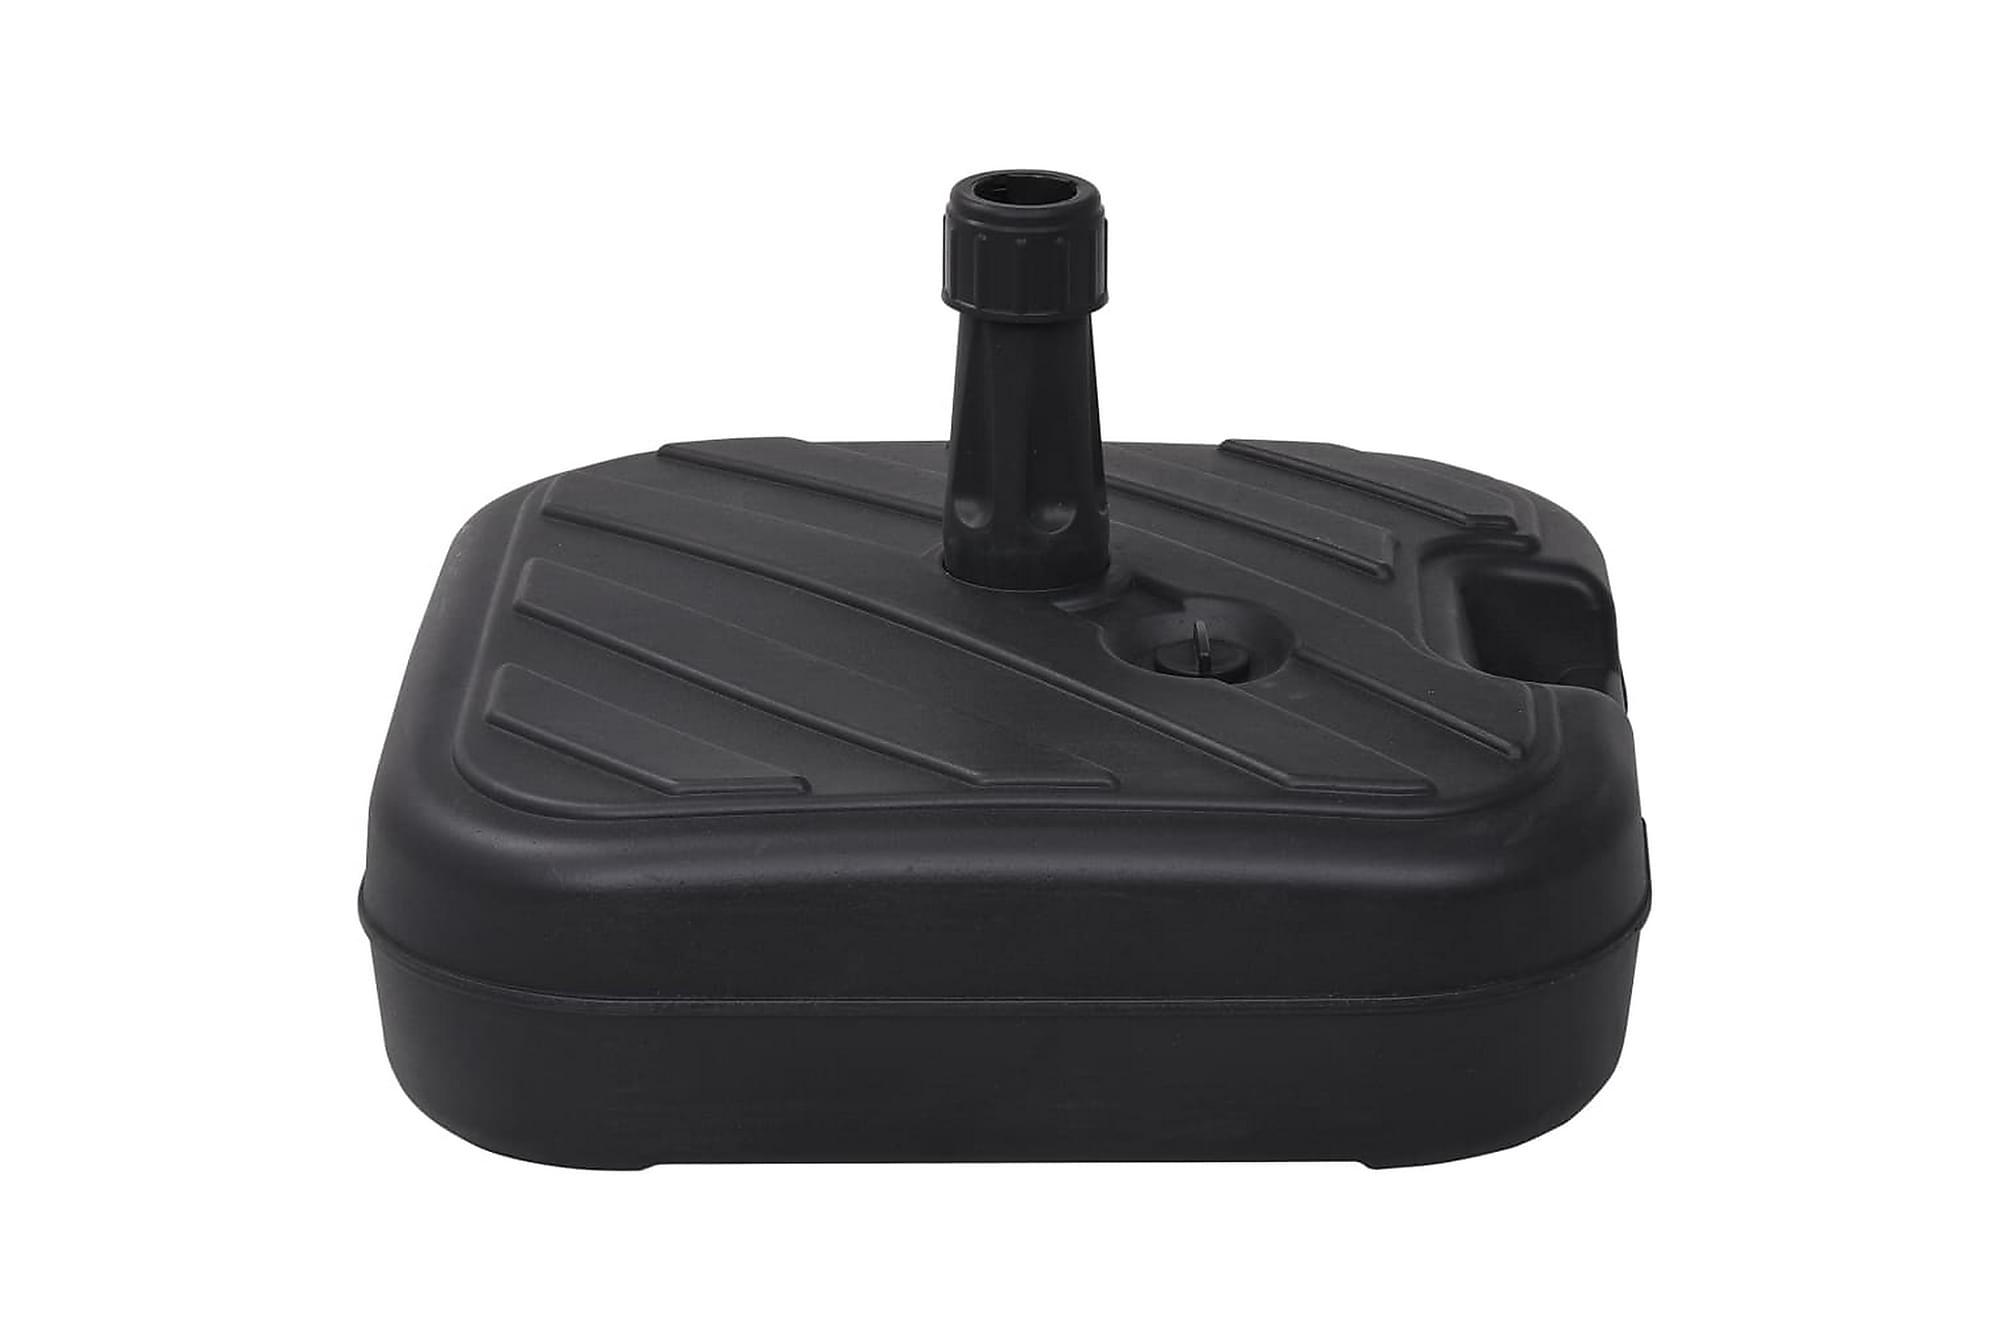 Parasollfot sand/vattenfylld 24 L svart, Parasollfot